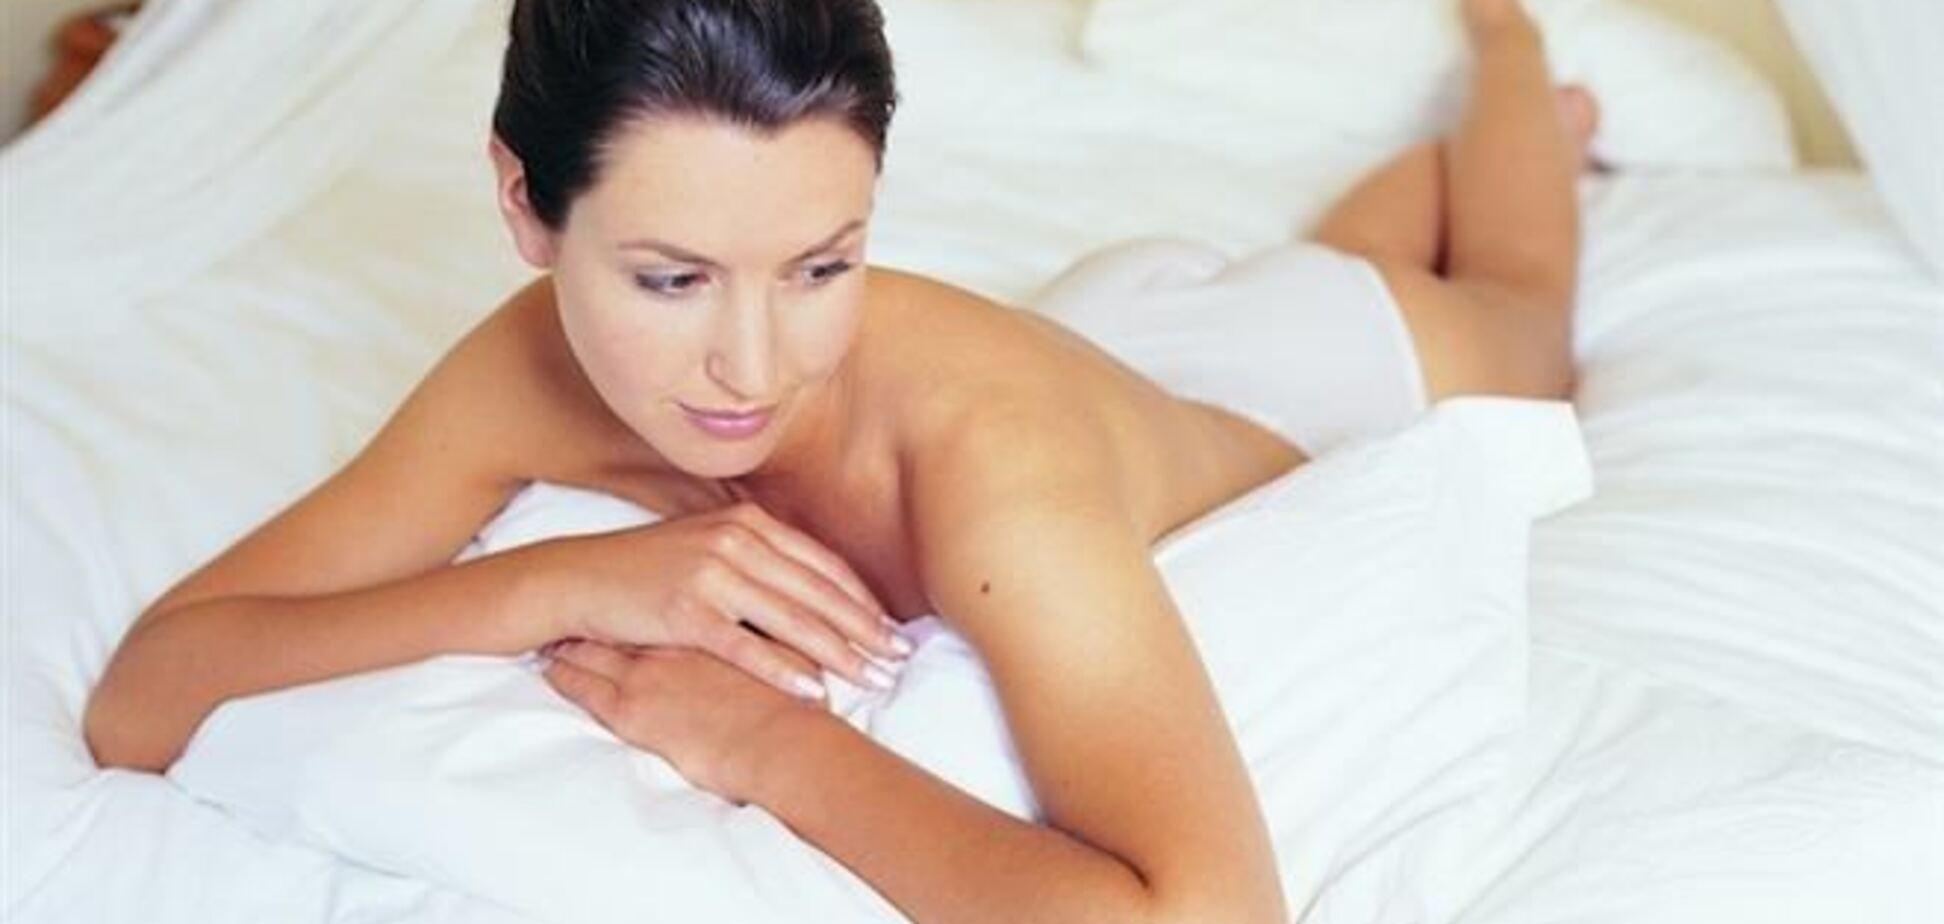 7 наиболее опасных болезней для женского здоровья